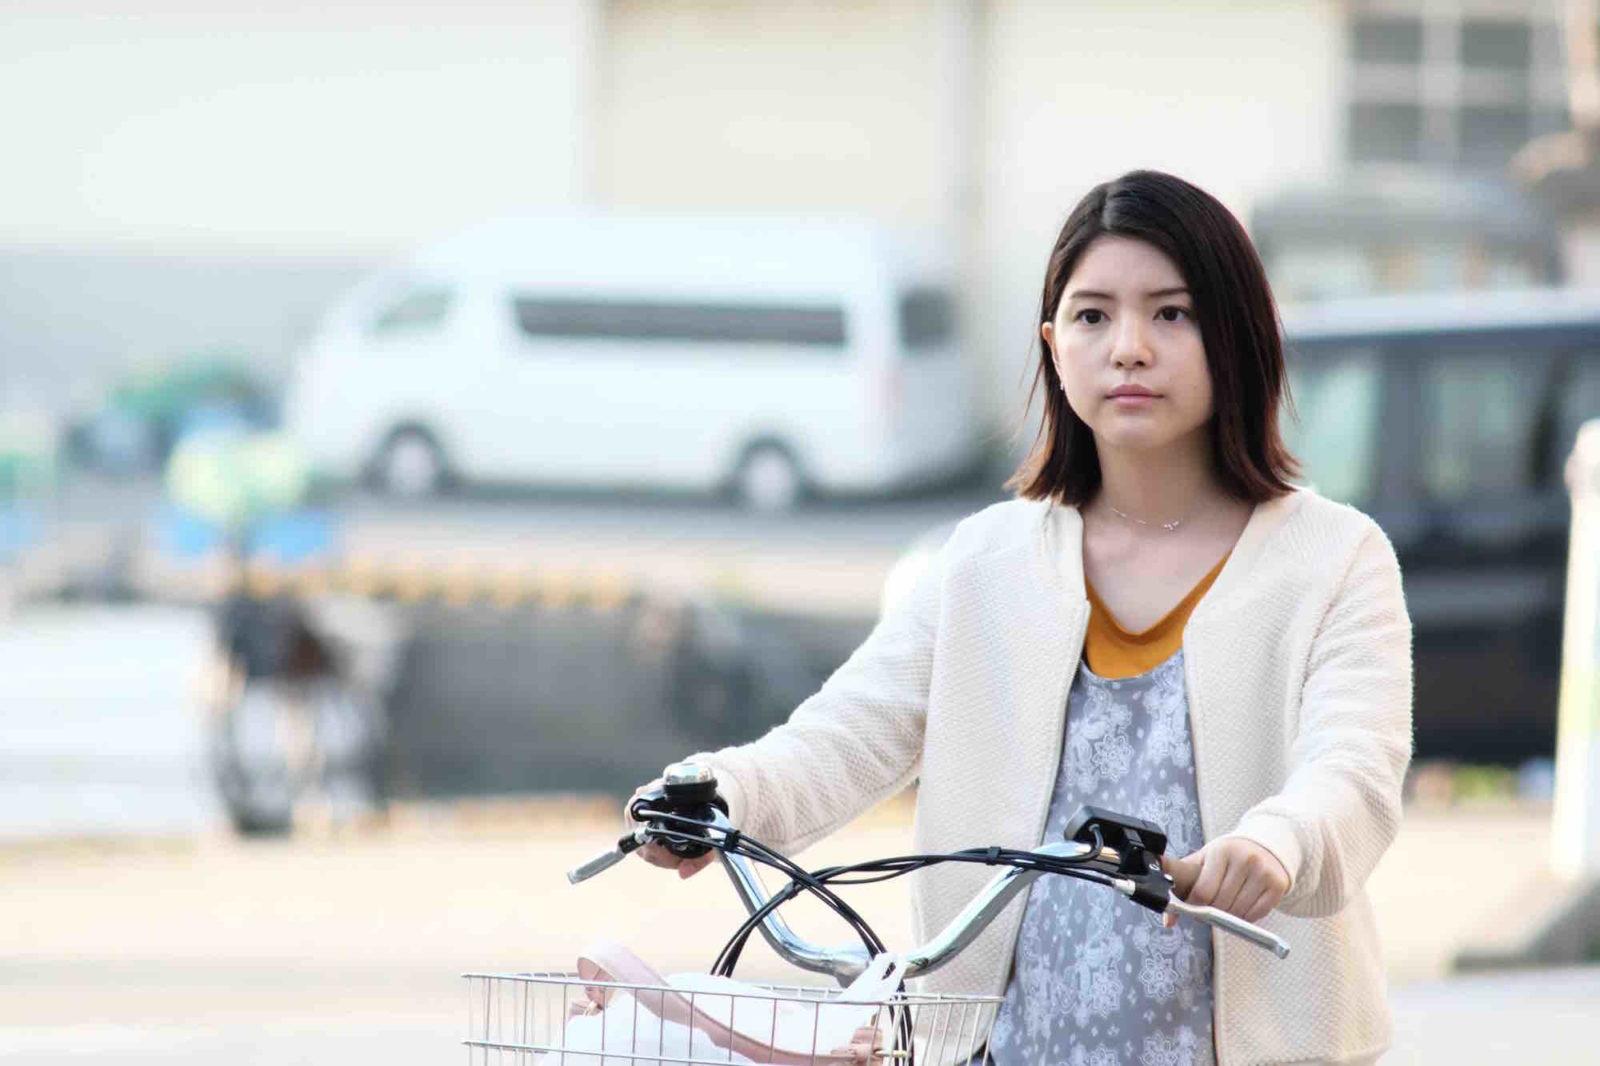 女優・川島海荷、テレ東SPドラマ「琥珀」で工藤阿須加と初共演サムネイル画像